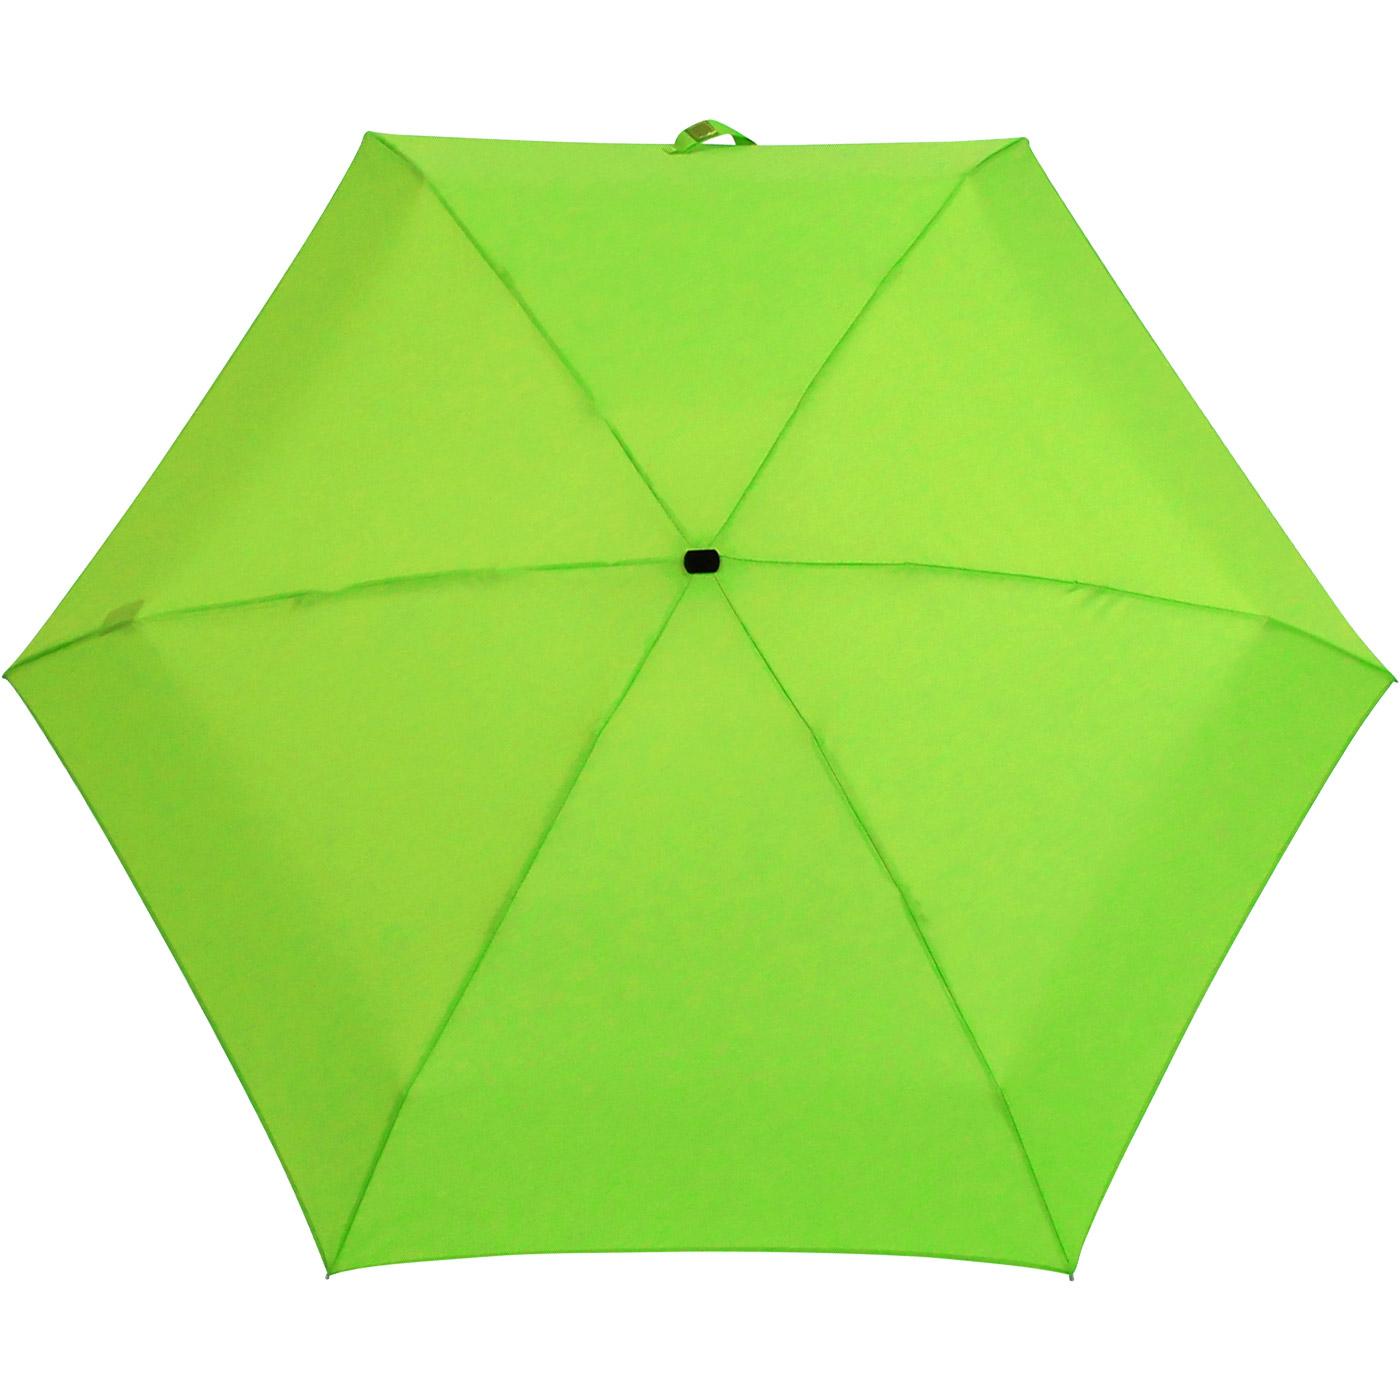 Regenschirm-Super-Mini-Taschenschirm-Damen-Herren-winzig-klein-leicht-im-Etui Indexbild 37